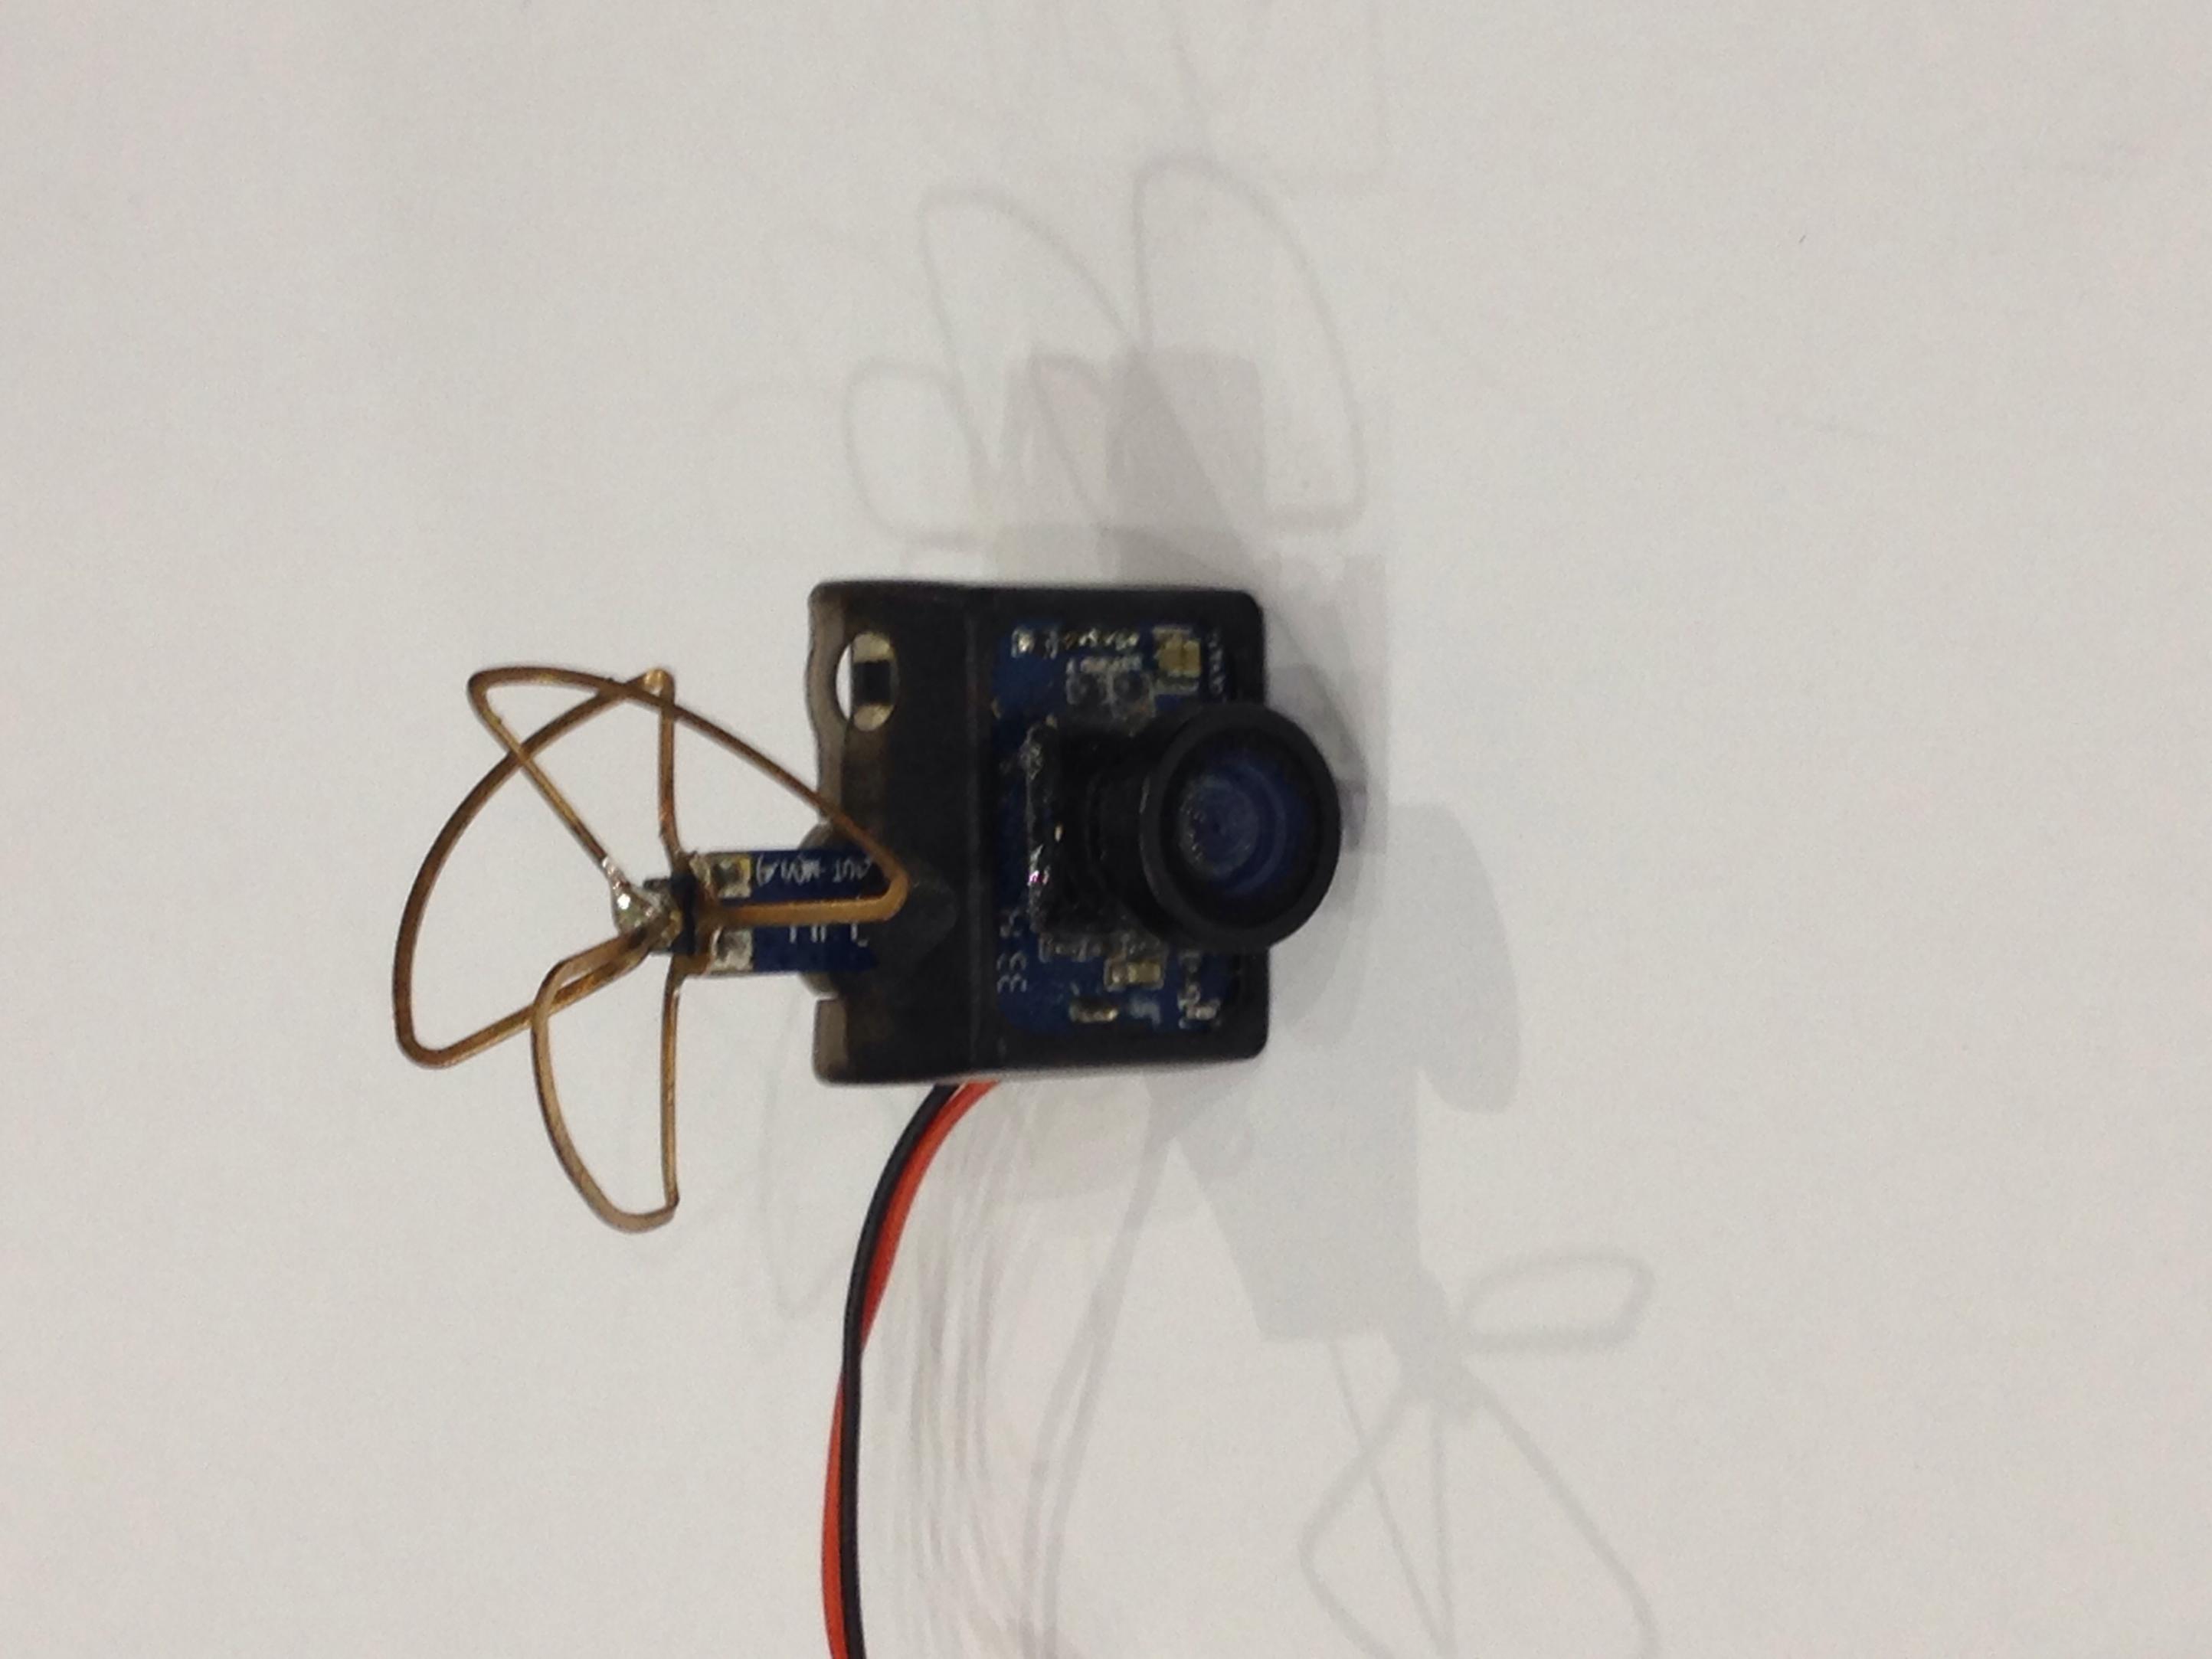 Fat shark mini micro fpv camera - R/C Tech Forums